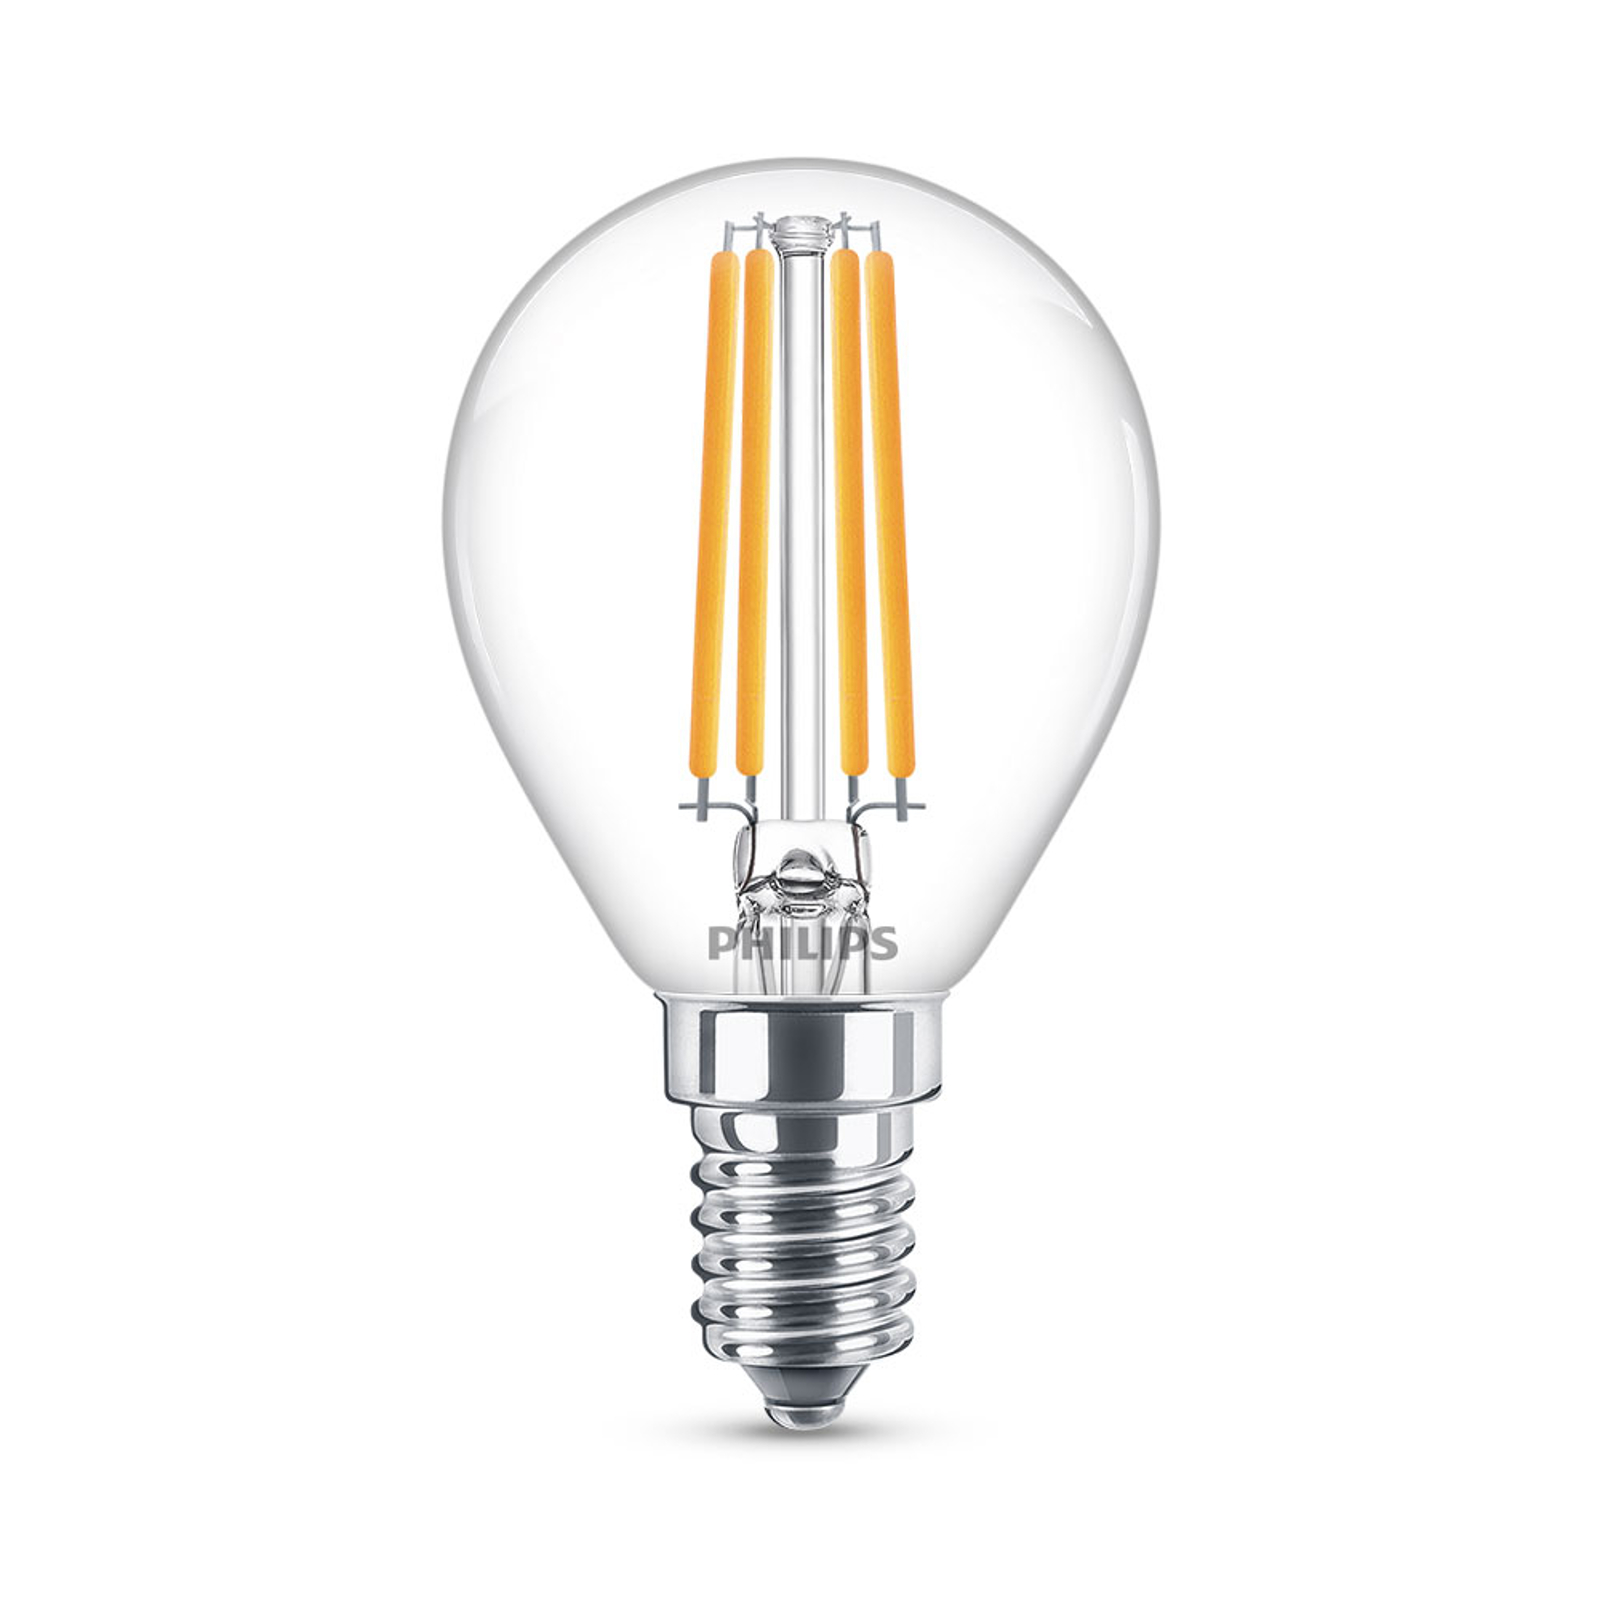 Philips Classic LED-Lampe E14 P45 6,5W klar 4.000K